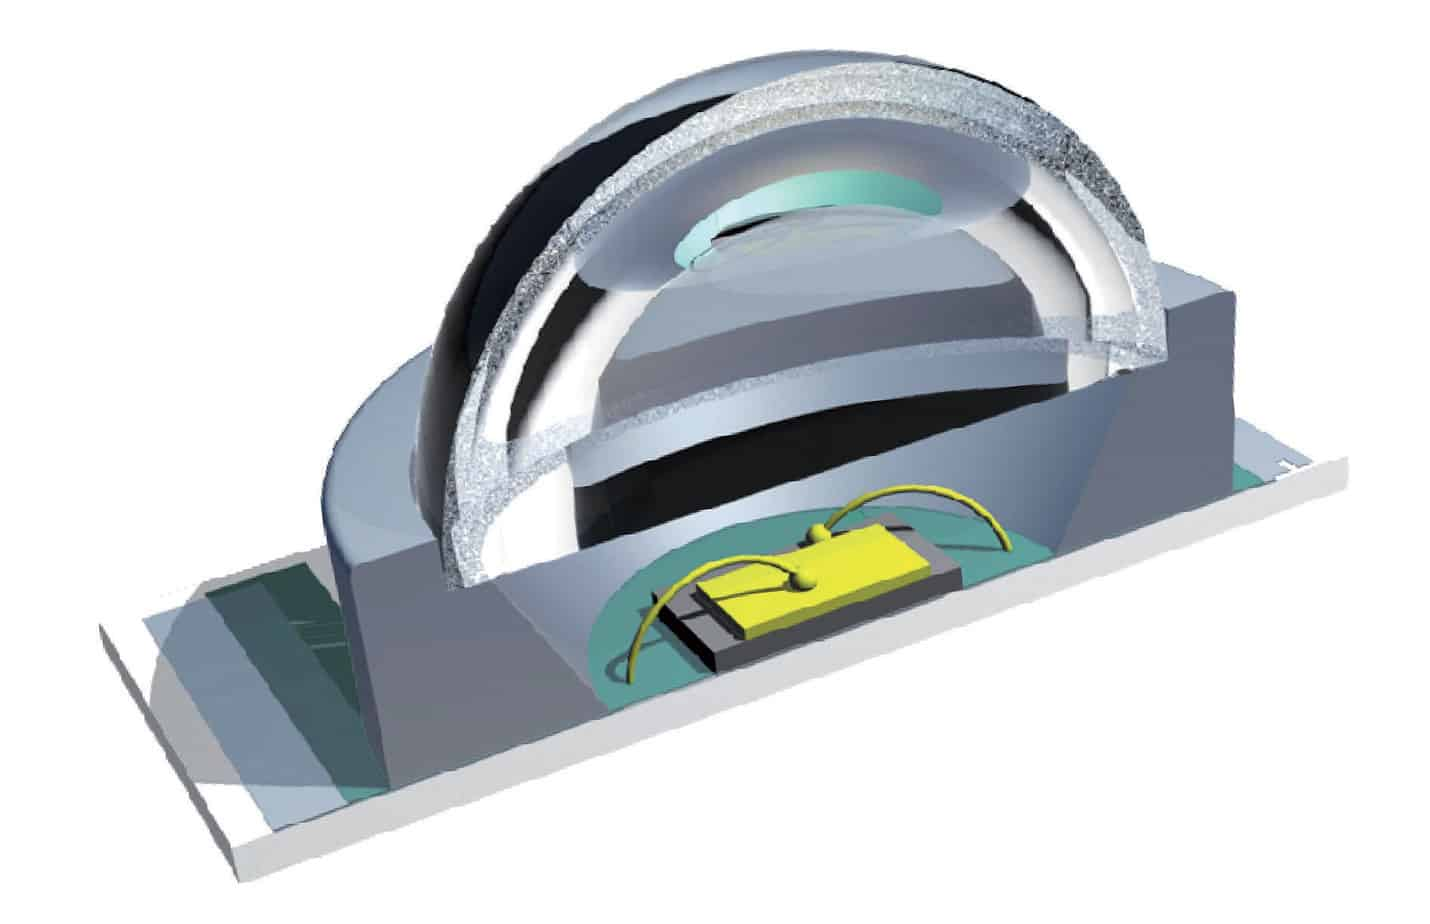 """La struttura di un LED di potenza. Sono ben visibili il chip montato su un dissipatore metallico, situato al centro dell'involucro, la lente """"a cupola"""" che svolge la funzione di ripartire il flusso luminoso uscente e le connessioni elettriche che dal chip vanno agli elettrodi del diodo (anodo e catodo)"""